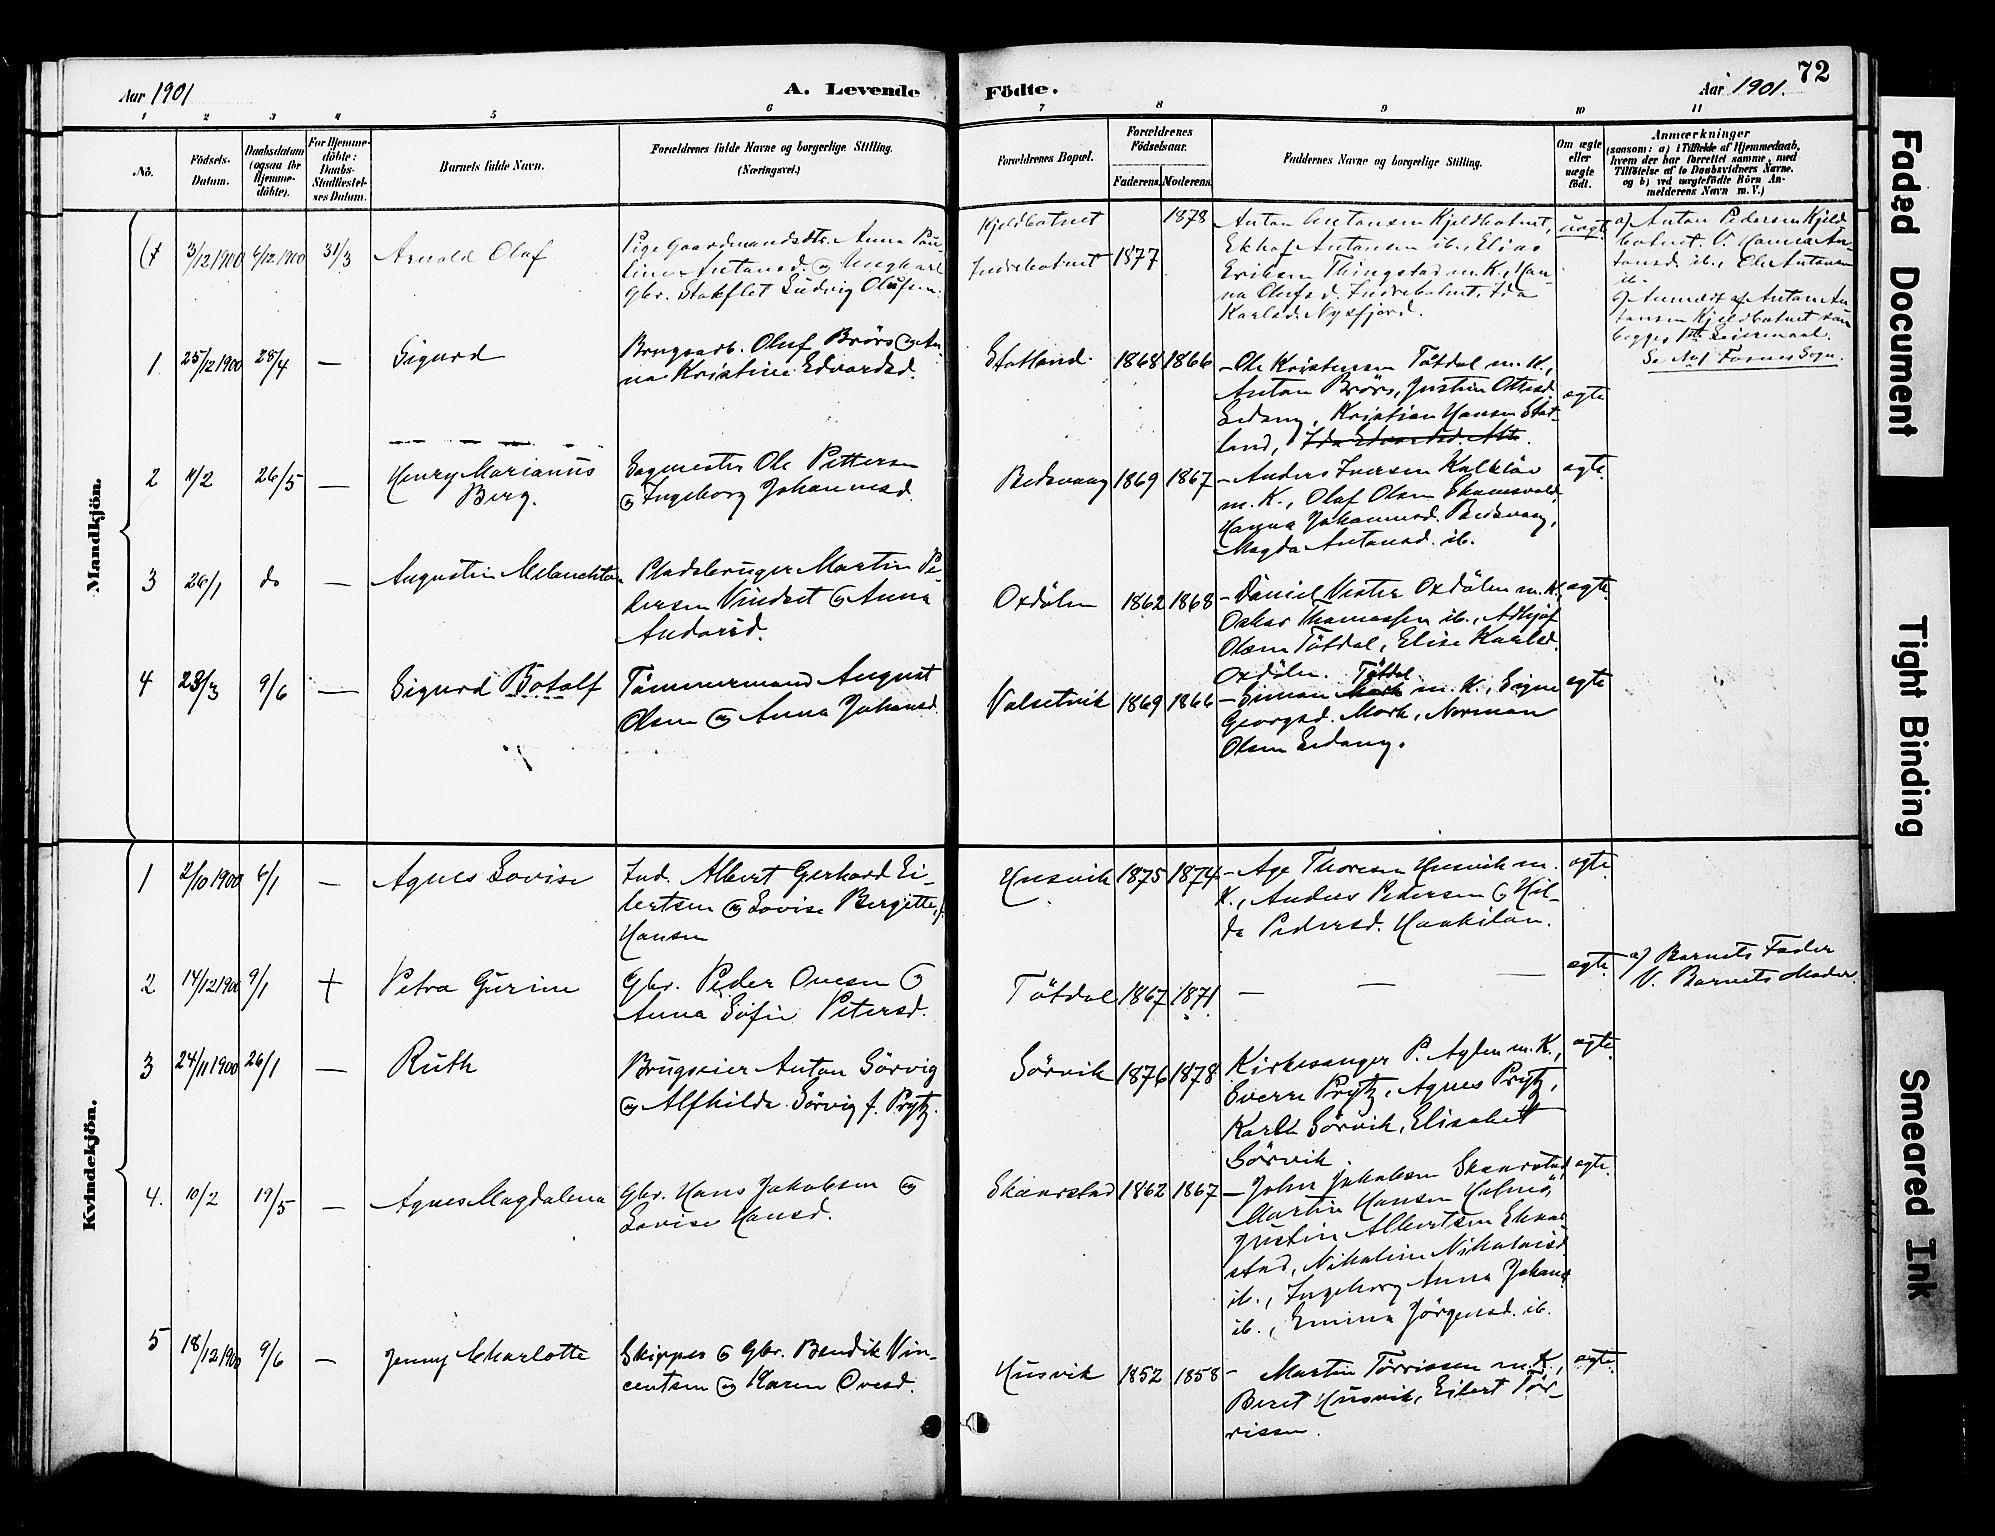 SAT, Ministerialprotokoller, klokkerbøker og fødselsregistre - Nord-Trøndelag, 774/L0628: Ministerialbok nr. 774A02, 1887-1903, s. 72